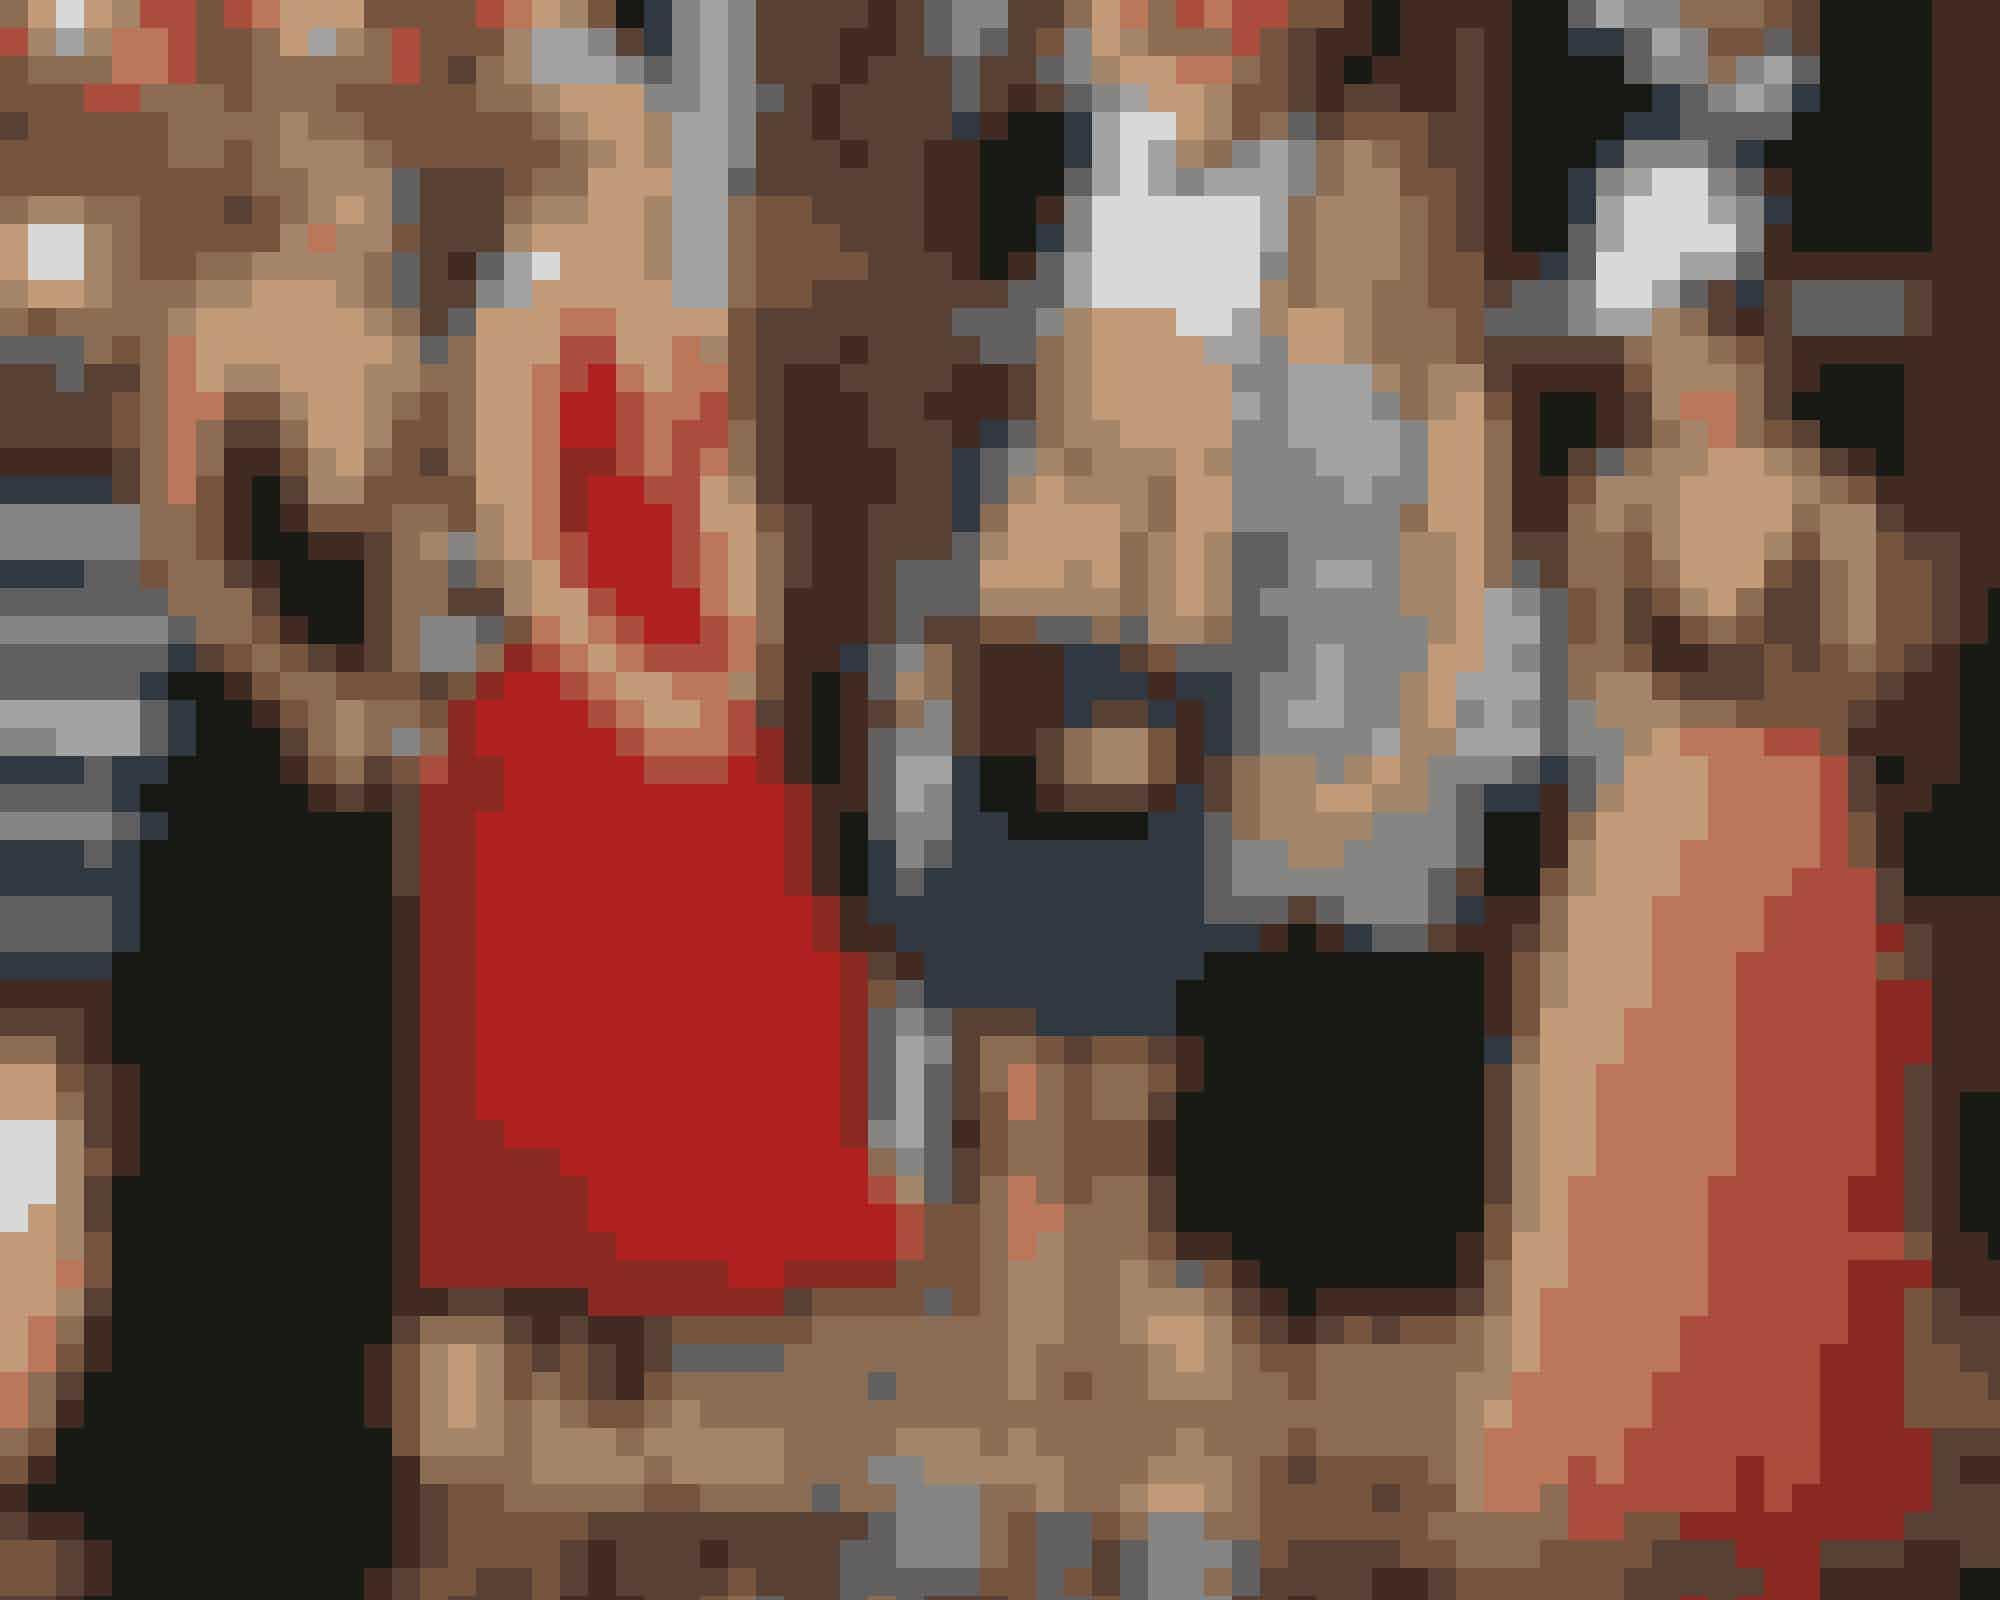 3. Cool tv-kvinderCeleste, Madeline, Ofglen, Eleven … De seje kvinder styrede på tv i 2017, hvor serier som 'Big Little Lies', 'The Handmaid's Tale', 'The Crown' og 'Stranger Things' storhittede. Kvinderne løb også med opmærksomheden ved årets Emmy Awards, hvor bl.a. Nicole Kidman og Elisabeth Moss blev belønnet for deres præstationer – hvilket meget vel kan gå hen og gentage sig den 7. januar, når der skal uddeles Golden Globe-priser.